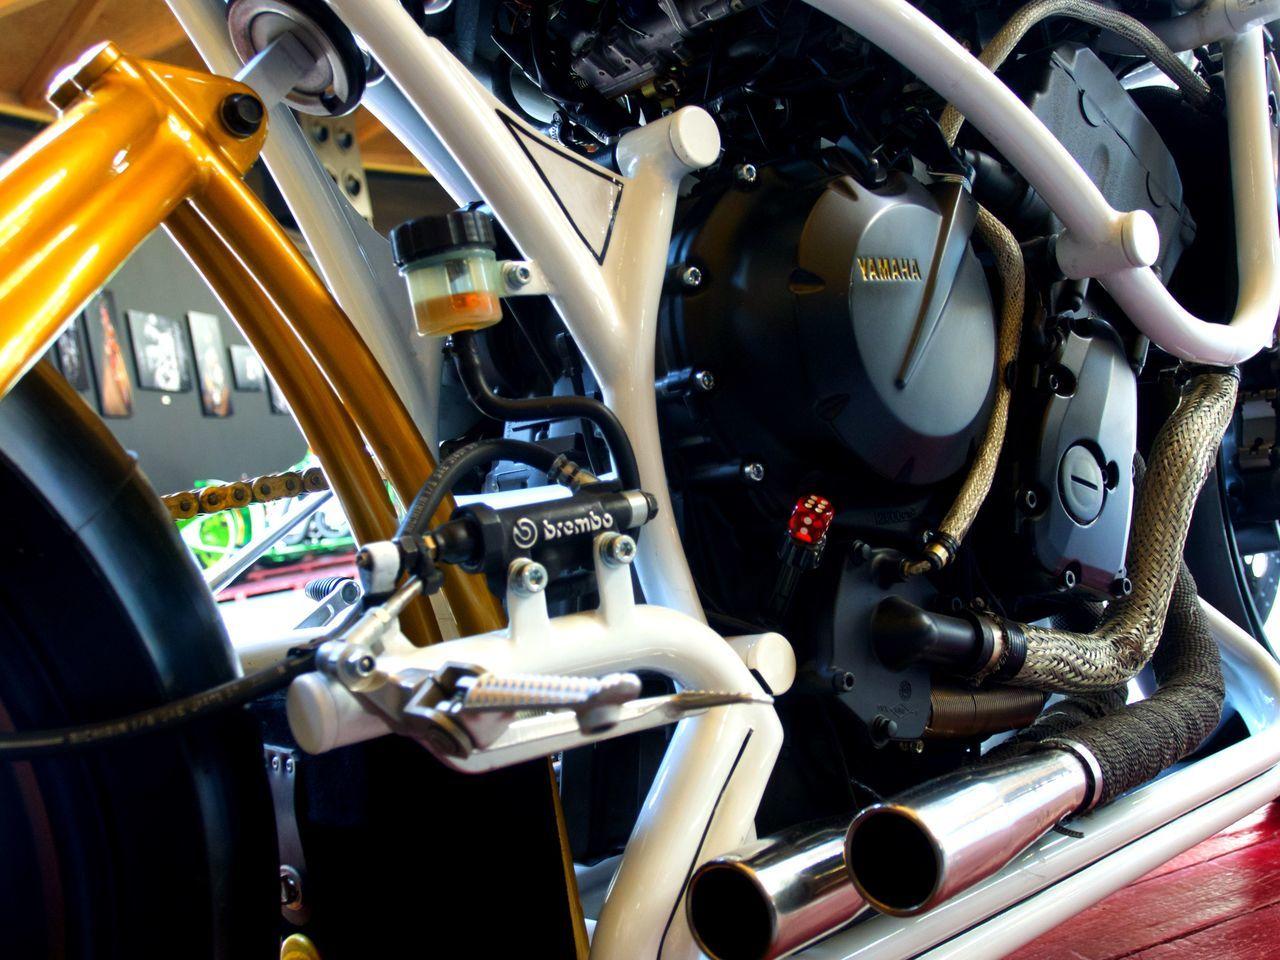 Barcelona Bmw Motorcycle Cromados Custom Customización Escapes Faros Focos Fuel Gasolina Harley Davidson Las Arenas, Barcelona Moteros Motorbike Motorcycles Motores Motos Parking64 Rue Show Taller Custom Tires Triumphmotorcycles Vw Escarabajo